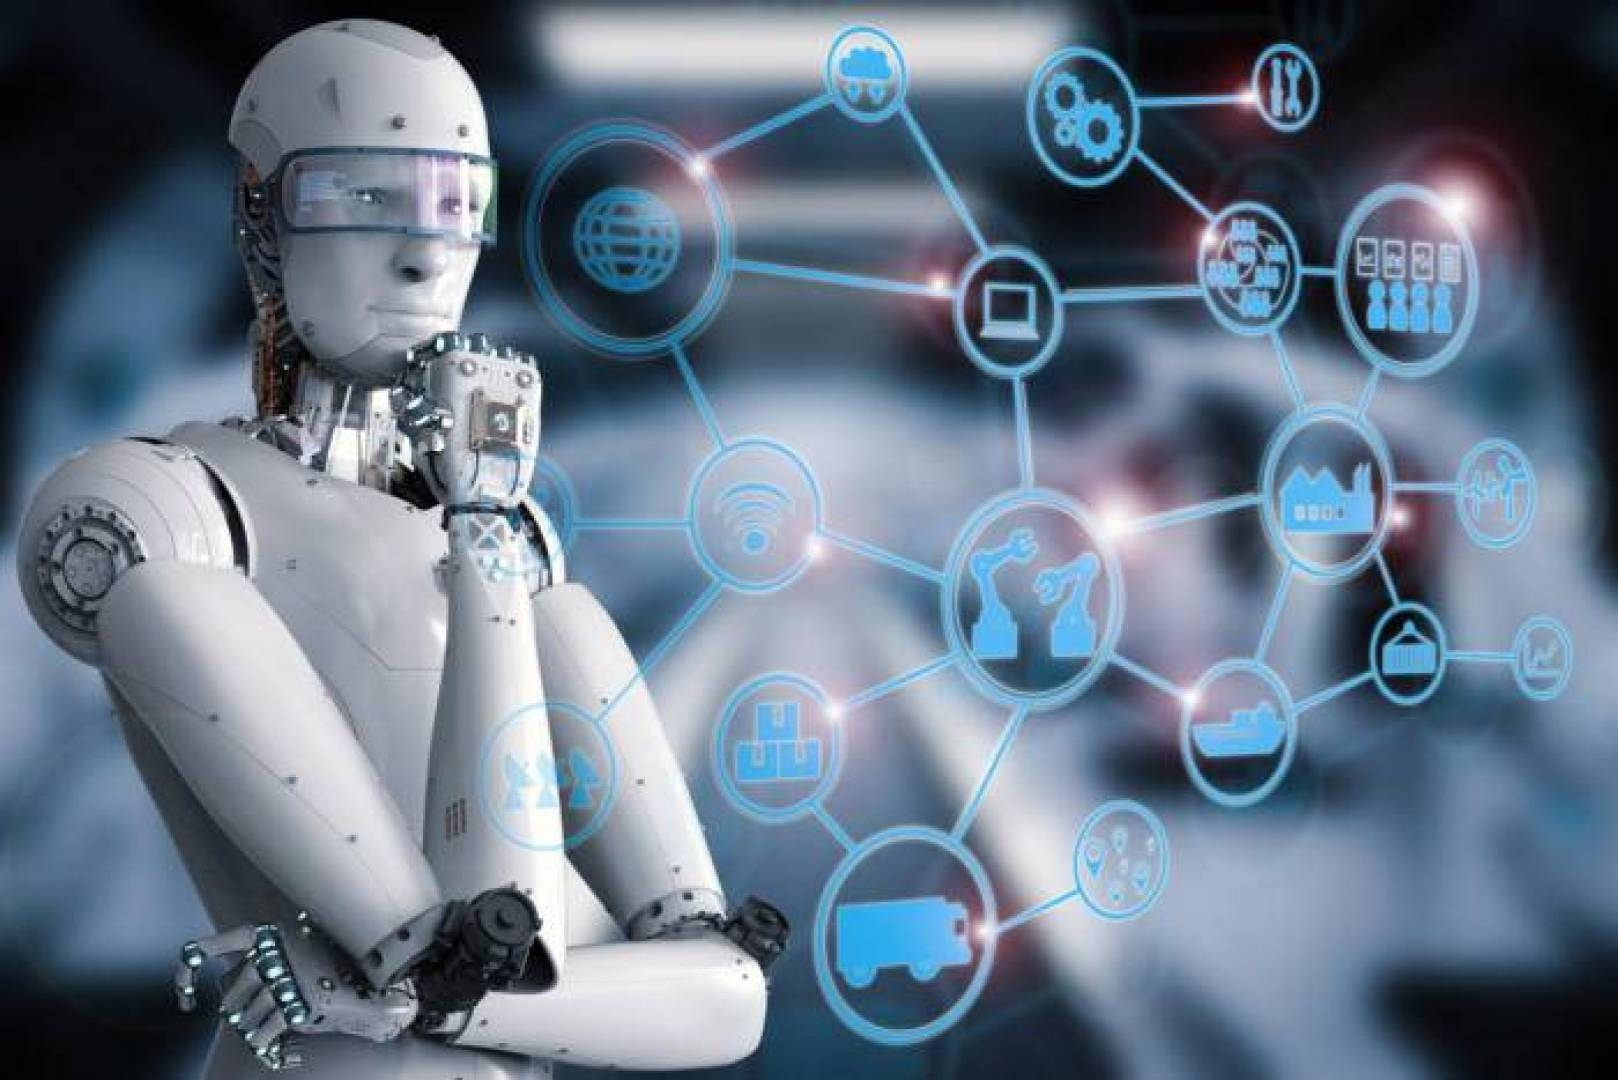 تطور الذكاء الاصطناعي يثير مخاوف السيطرة على البشر